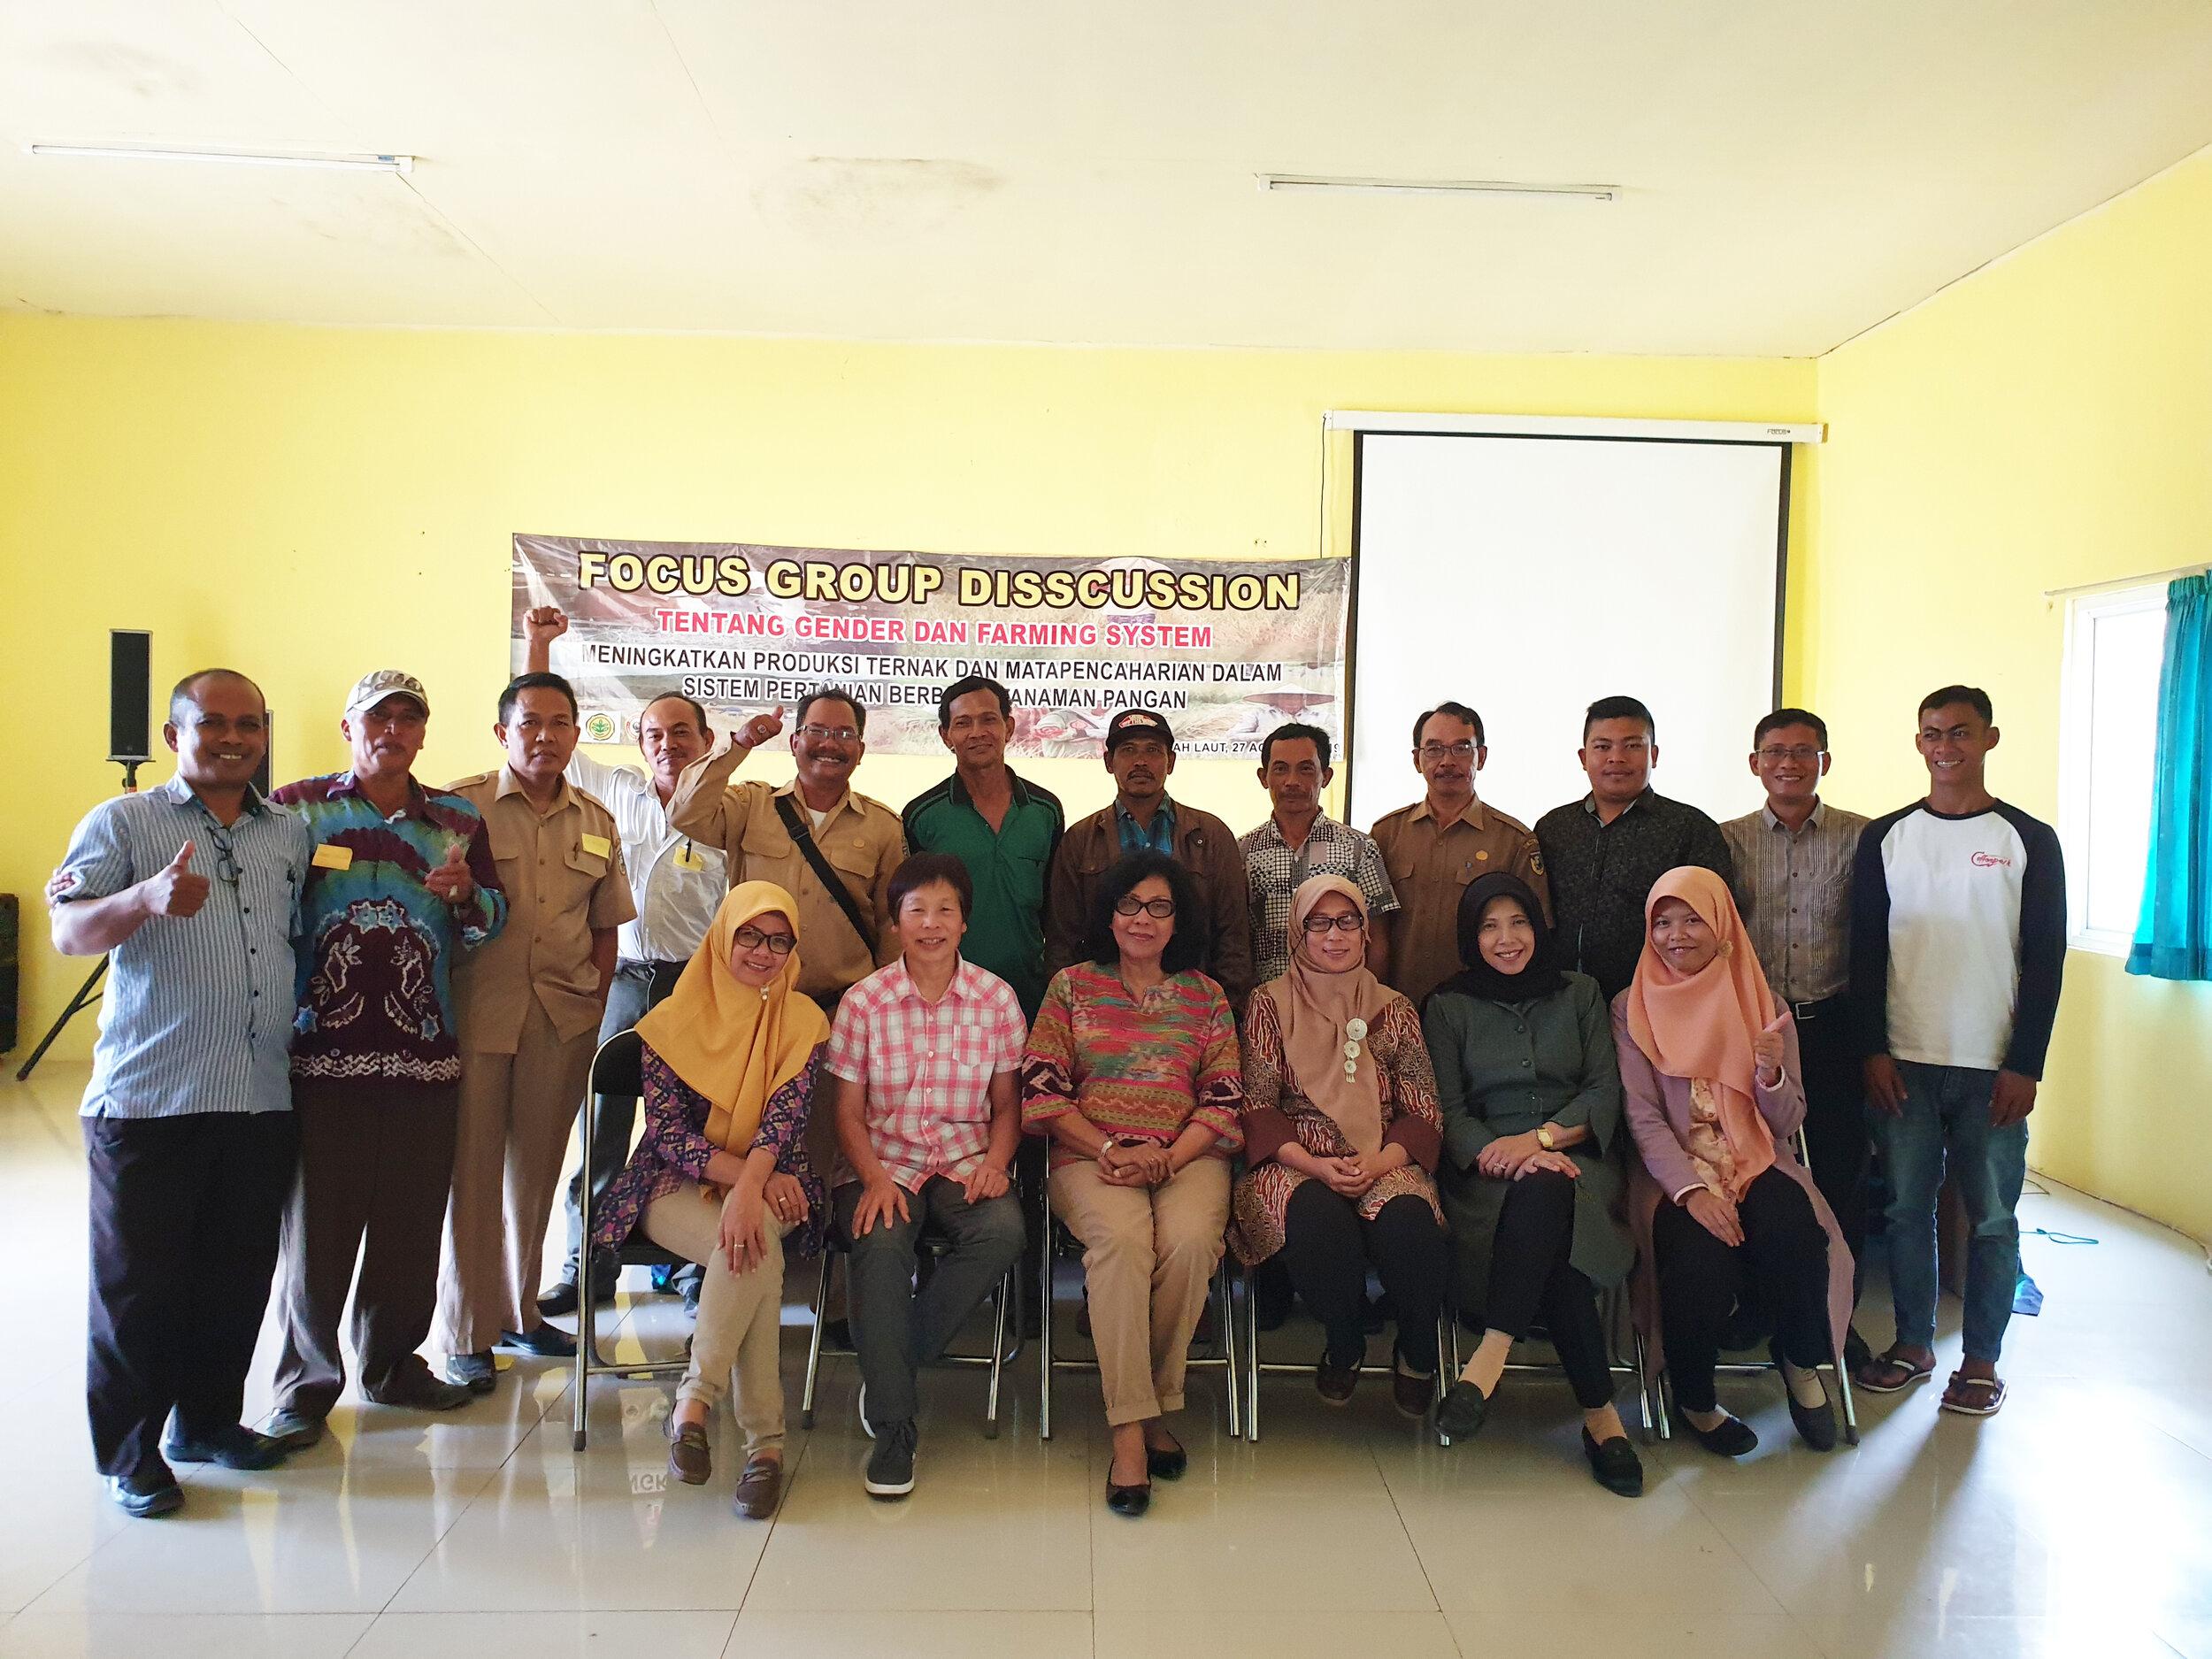 Men's gender Focus Group Discussion participants and researchers, Tanah Laut, KalSel, August 2019.  Photo: Rene Villano